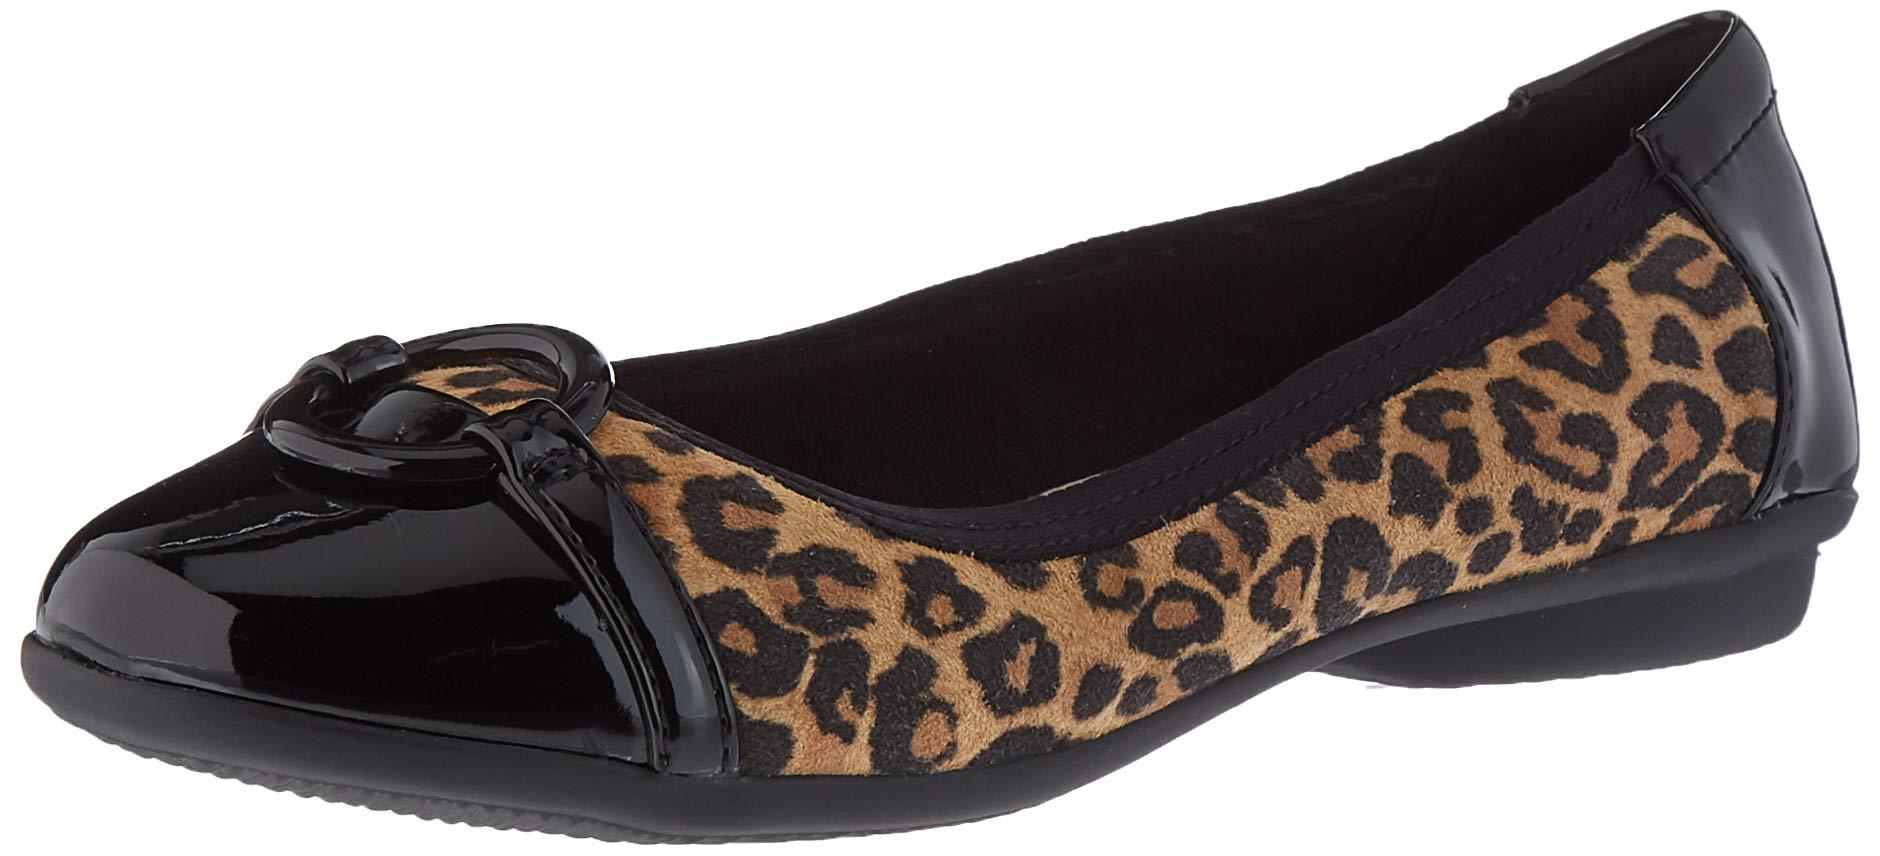 CLARKS Women's Gracelin Wind Dress Flat Ballet, Tan Leopard Suede, 90 W US by CLARKS